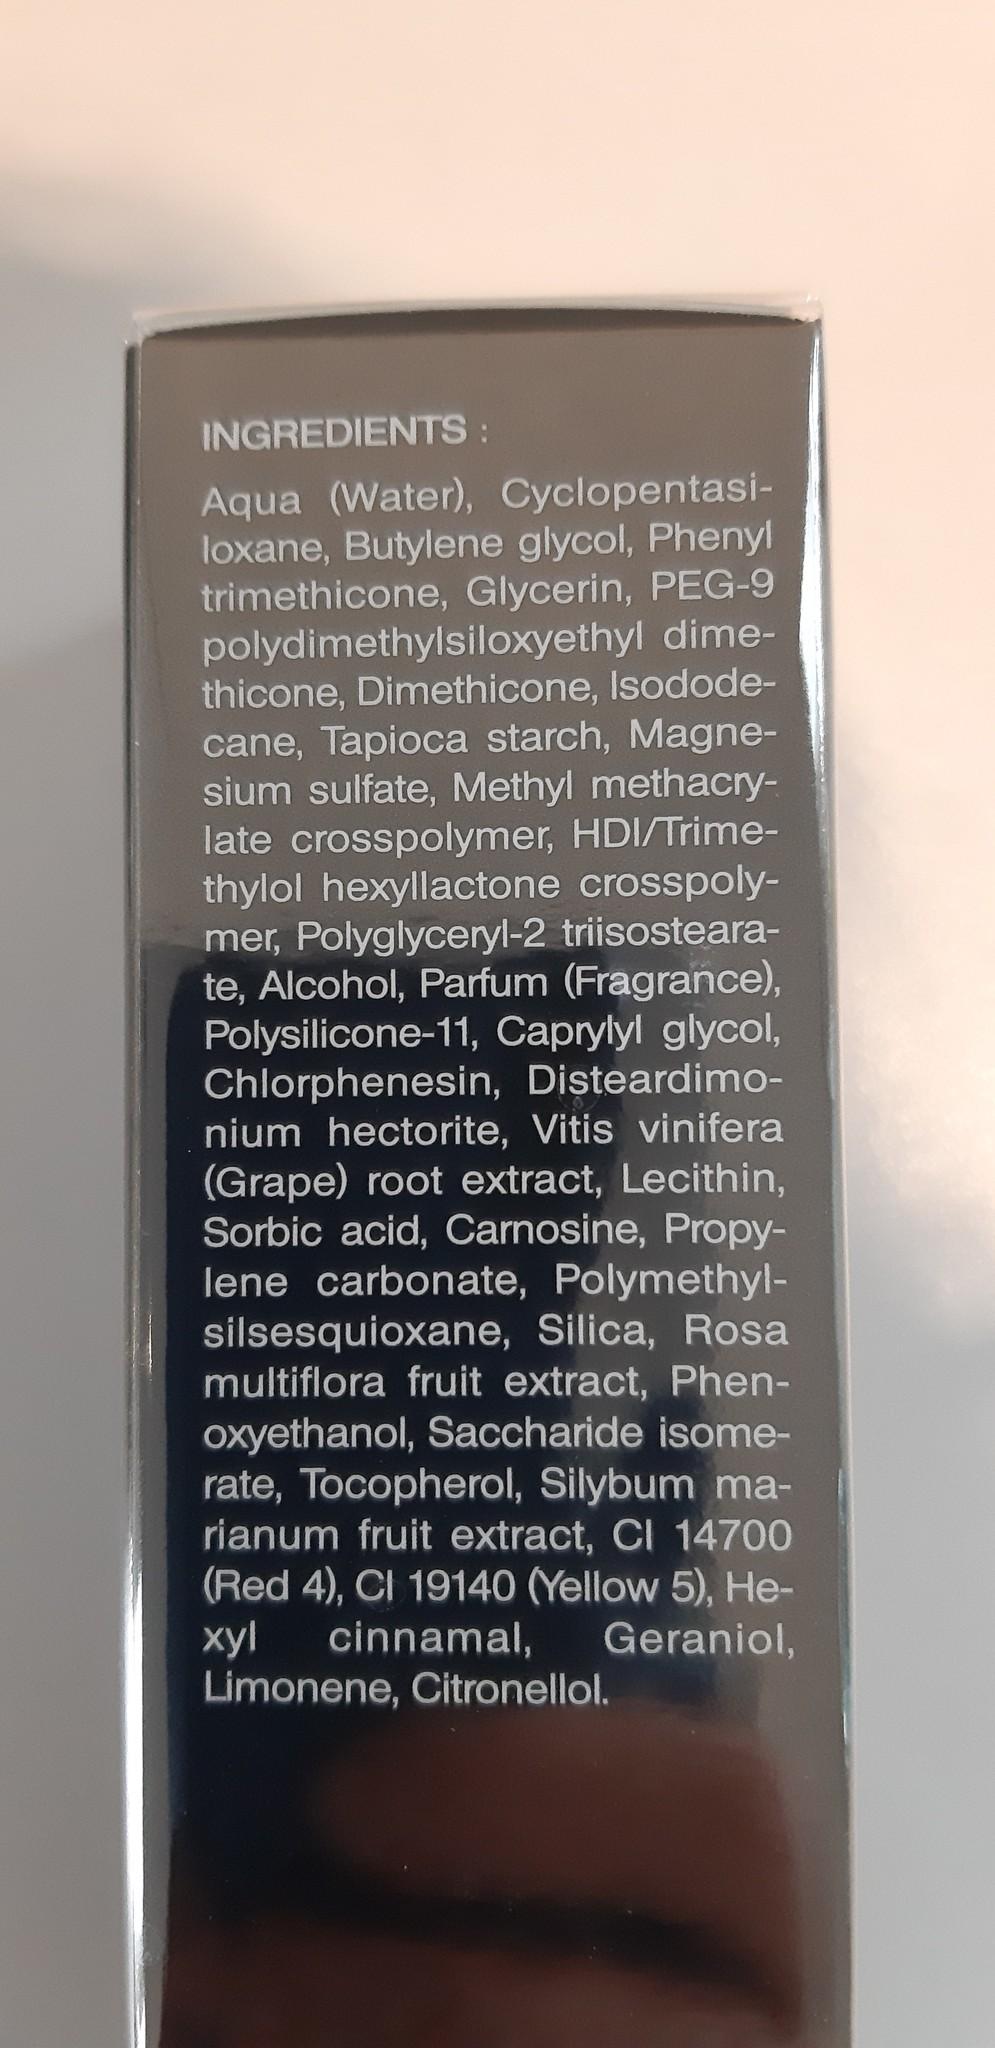 Sothys Serum Jeunesse Unifiant / Serum matterende werking  en poriën en pigmentvlekken verminderen